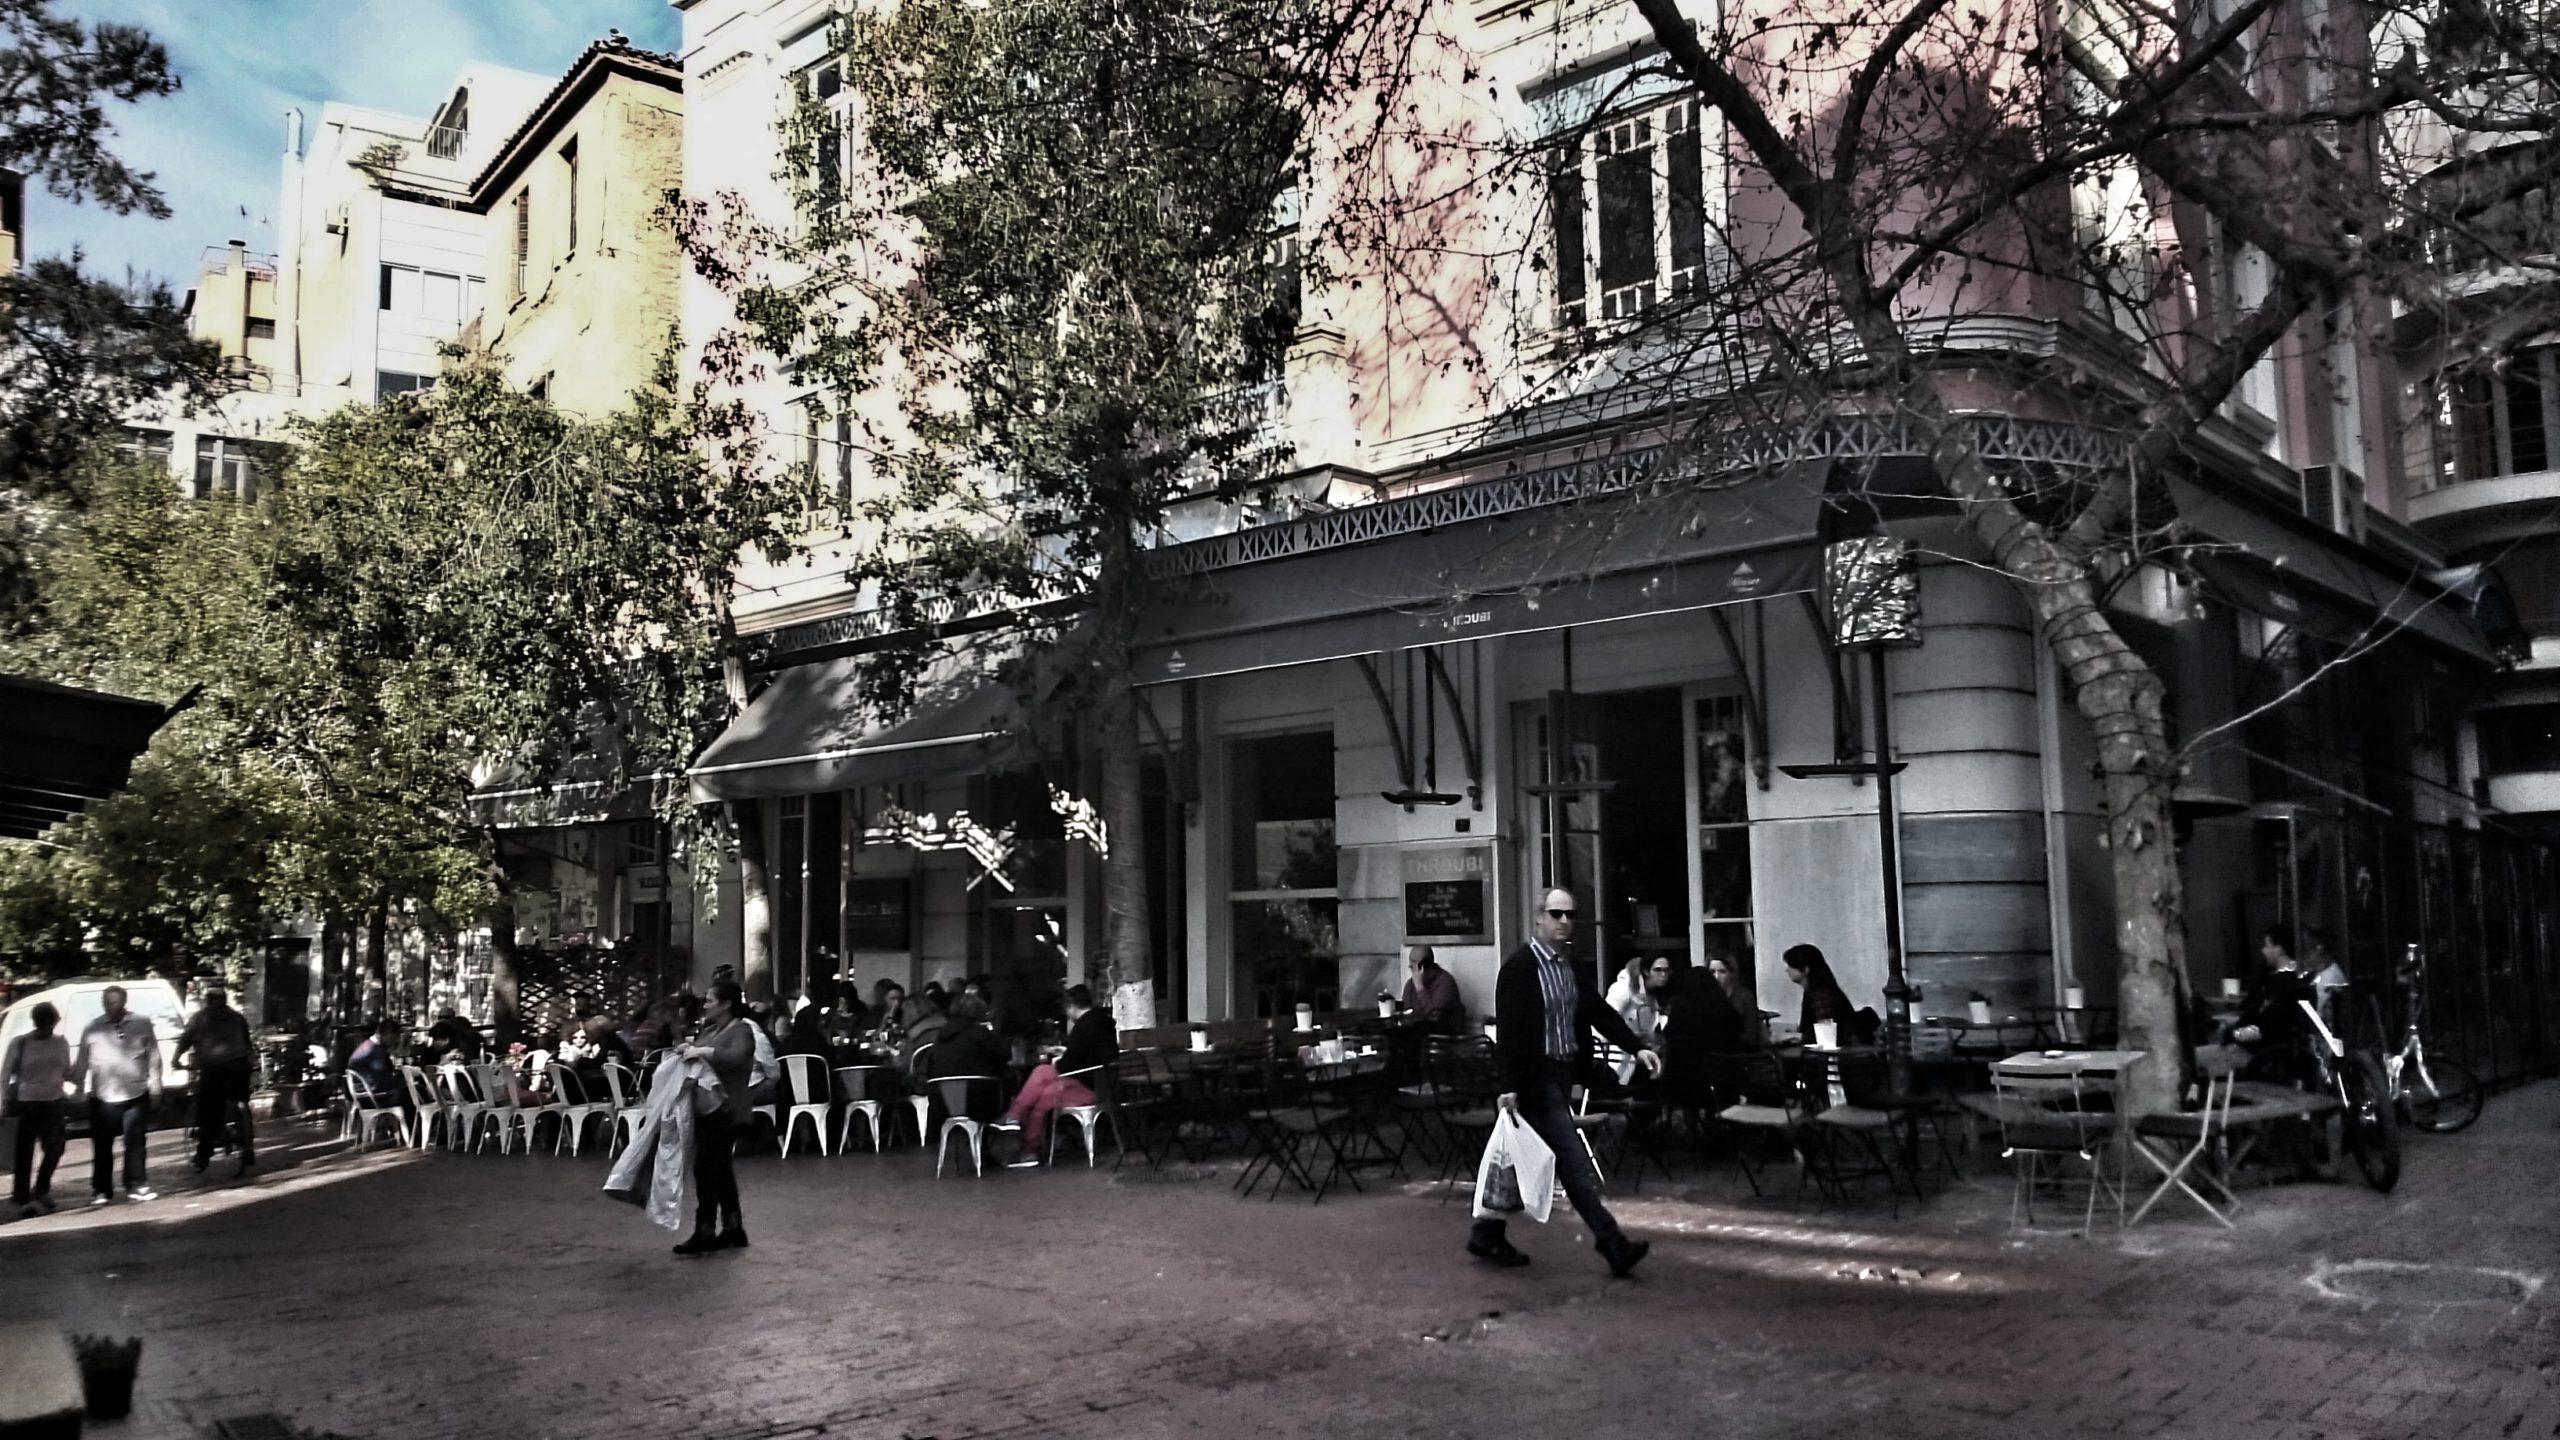 Αθήνα, Αττική, Πλατεία Αγίας Ειρήνης, Τσίλερ, οδός Αιόλου, Ernst Ziller, Υφασματάδικα